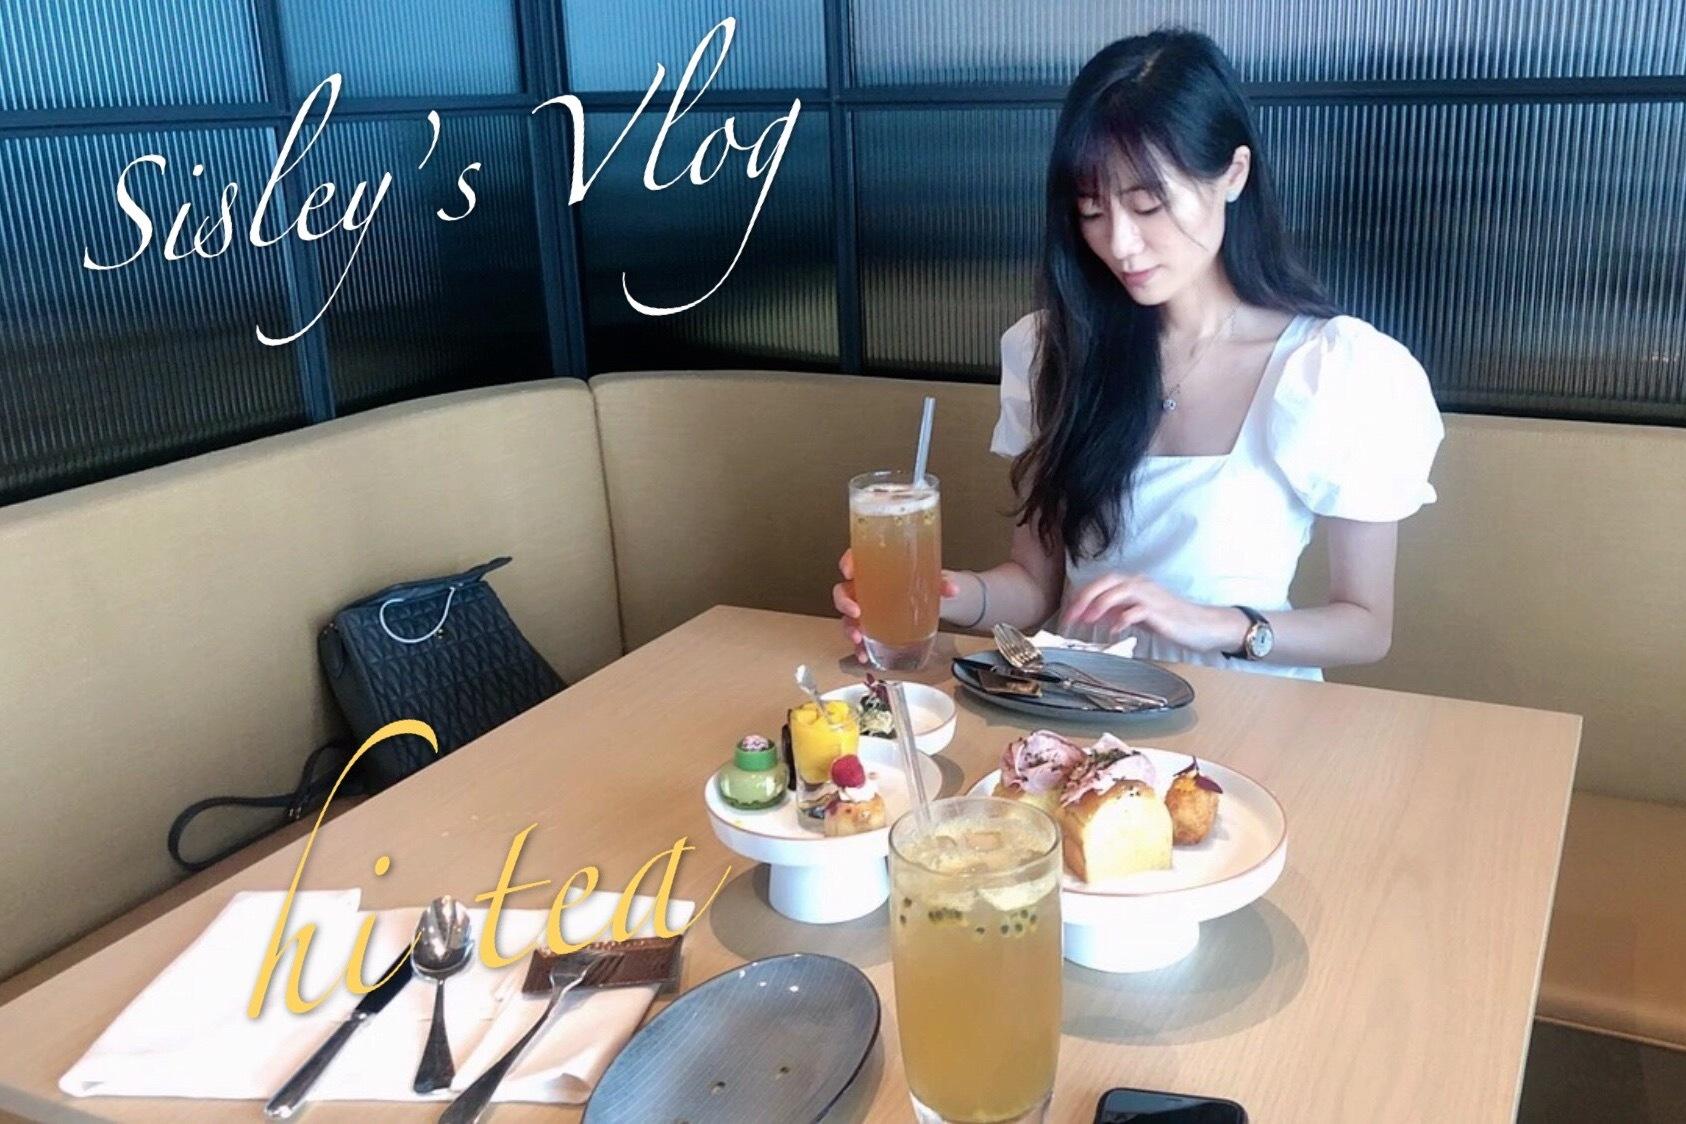 广州靓女的精致下午茶,五星级酒店,看看500块都吃了啥?